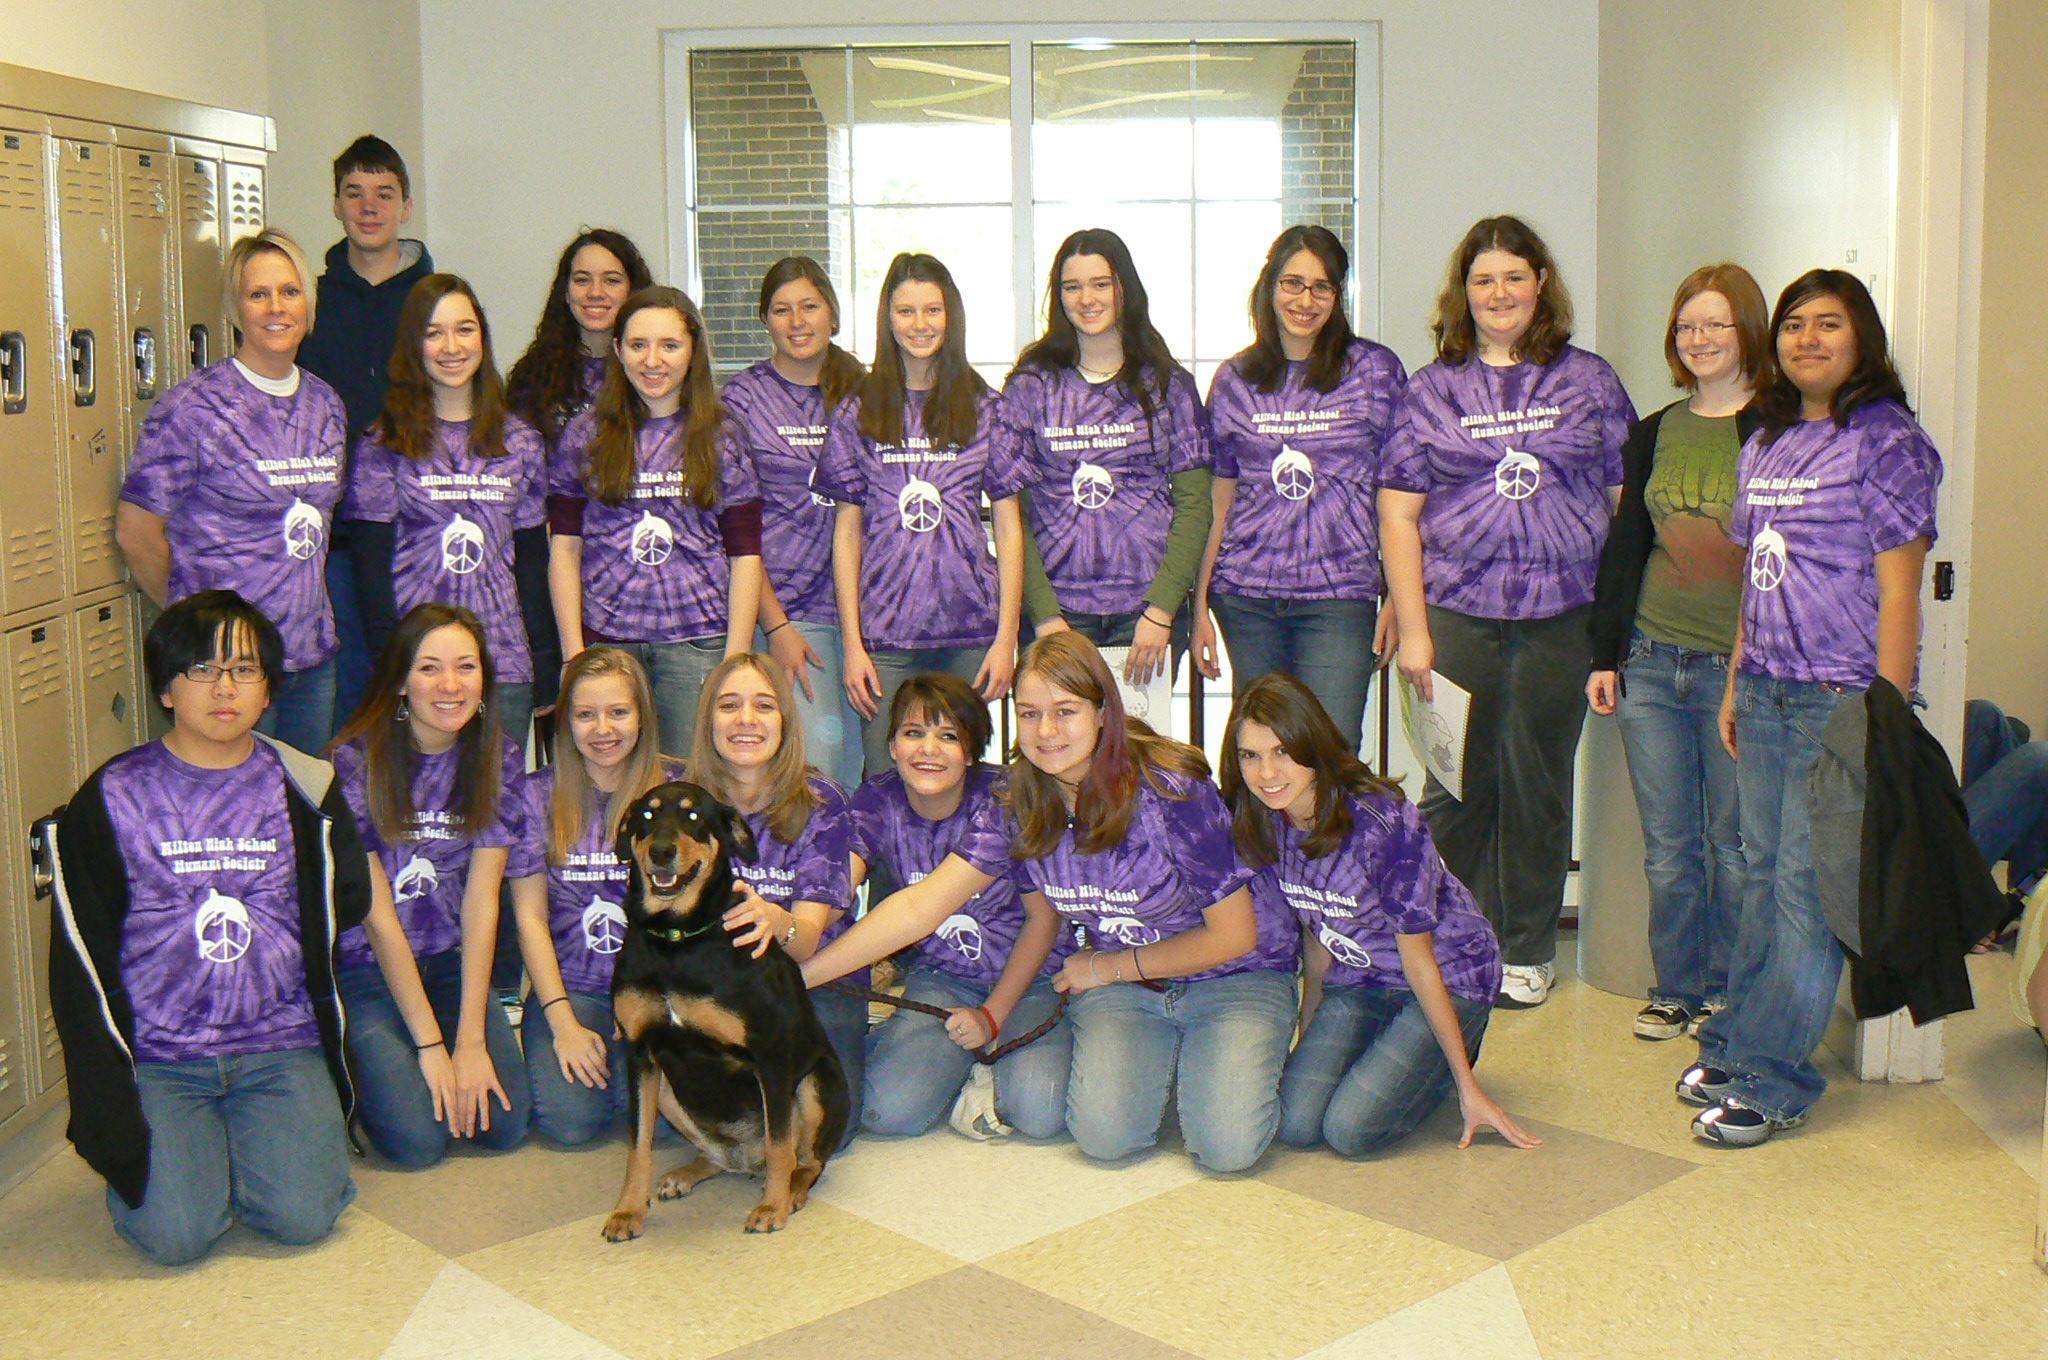 Custom T-Shirts for Humane Society Club